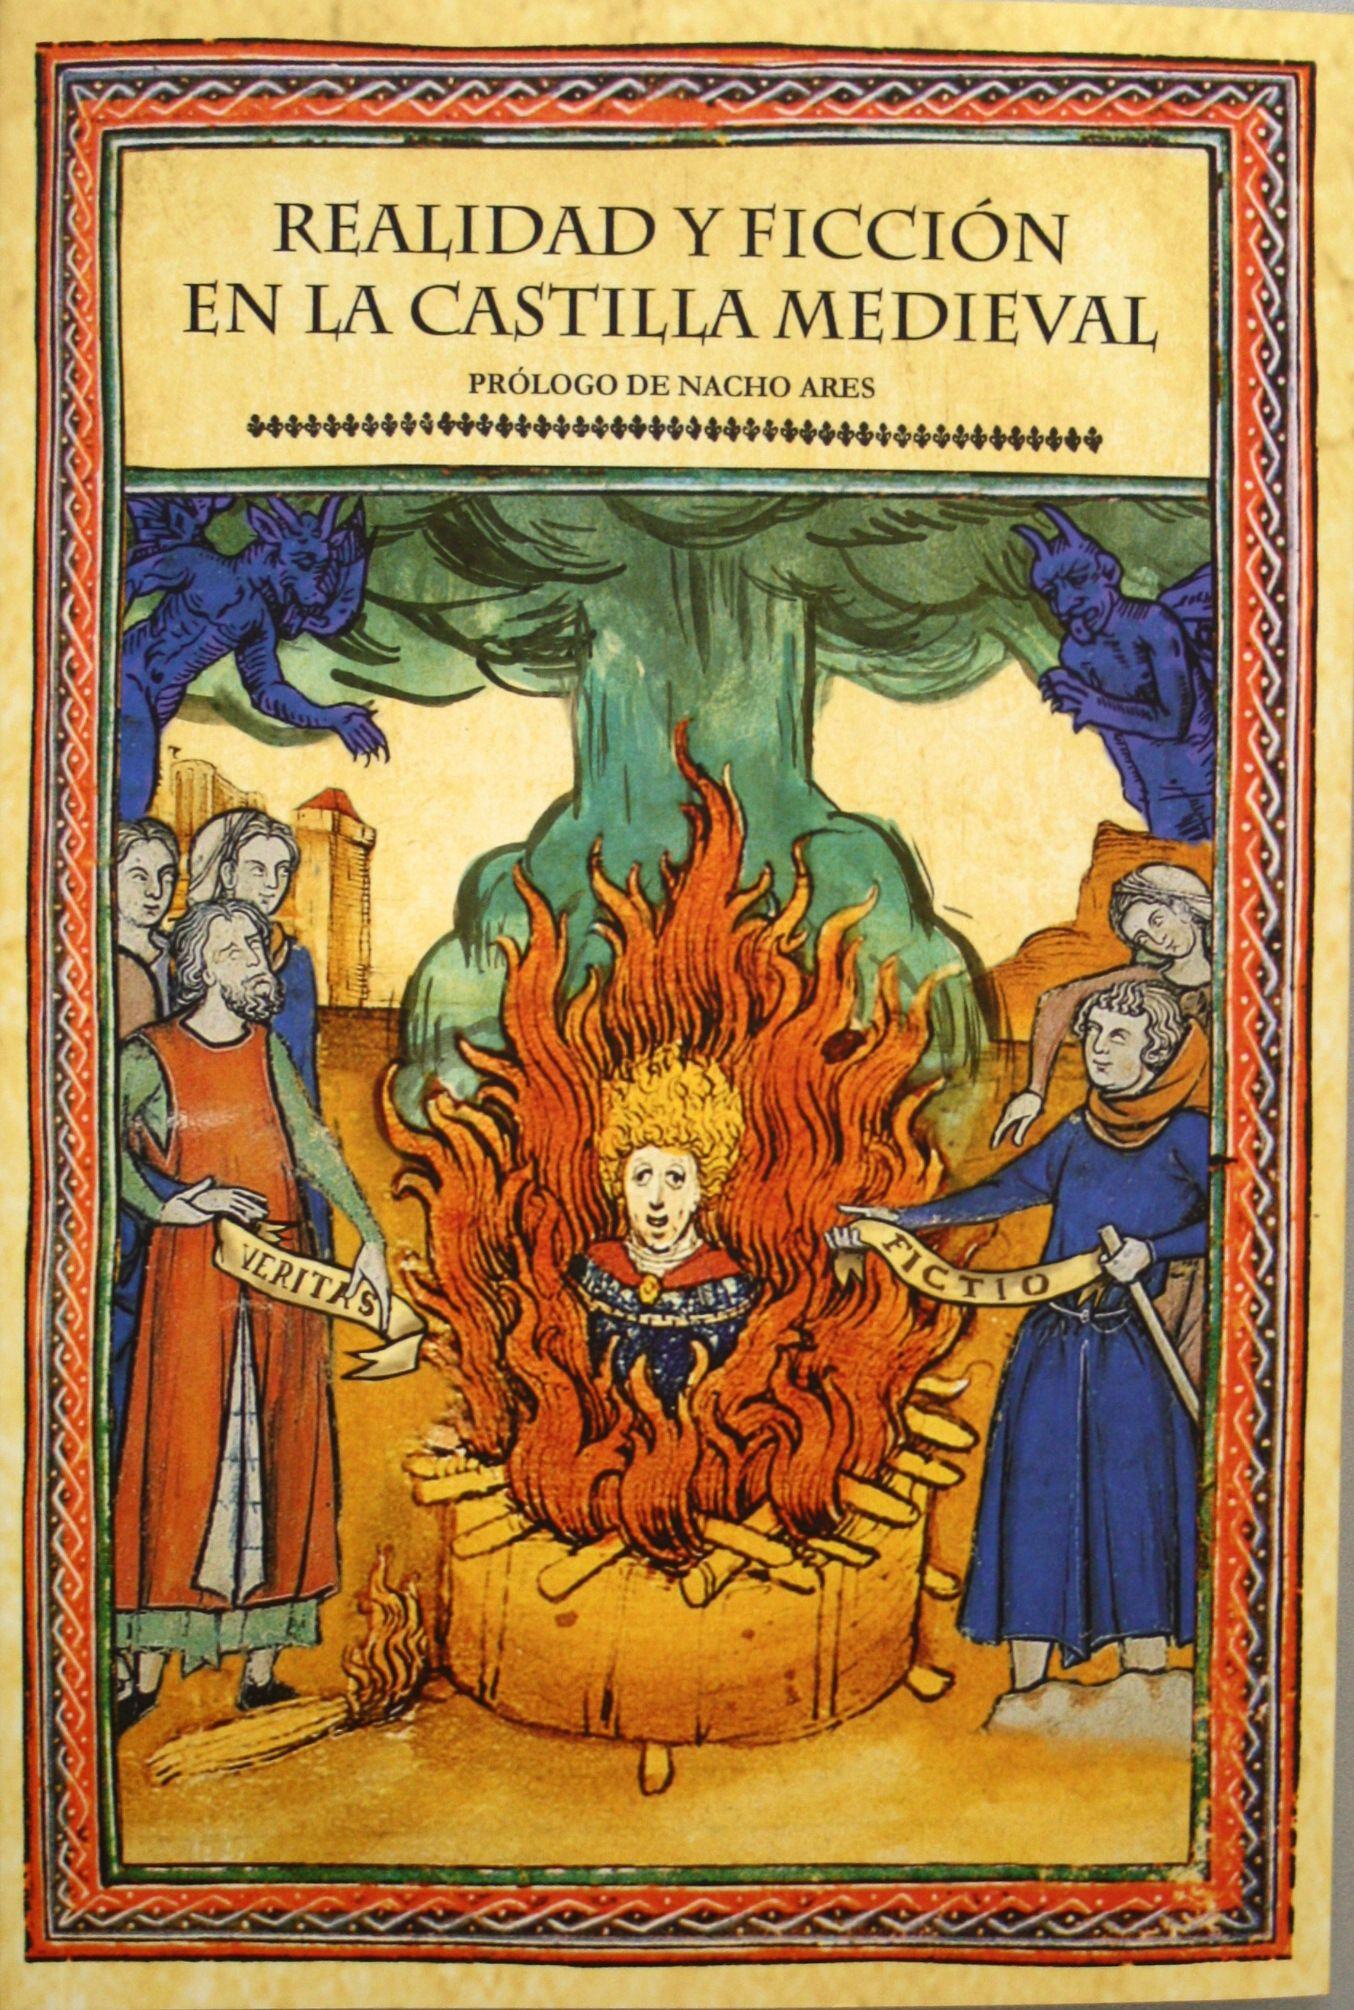 Realidad y ficción en la Castilla medieval / coor. Javier Campelo Bermejo. + info: http://www.medievalistas.es/?q=node/1947